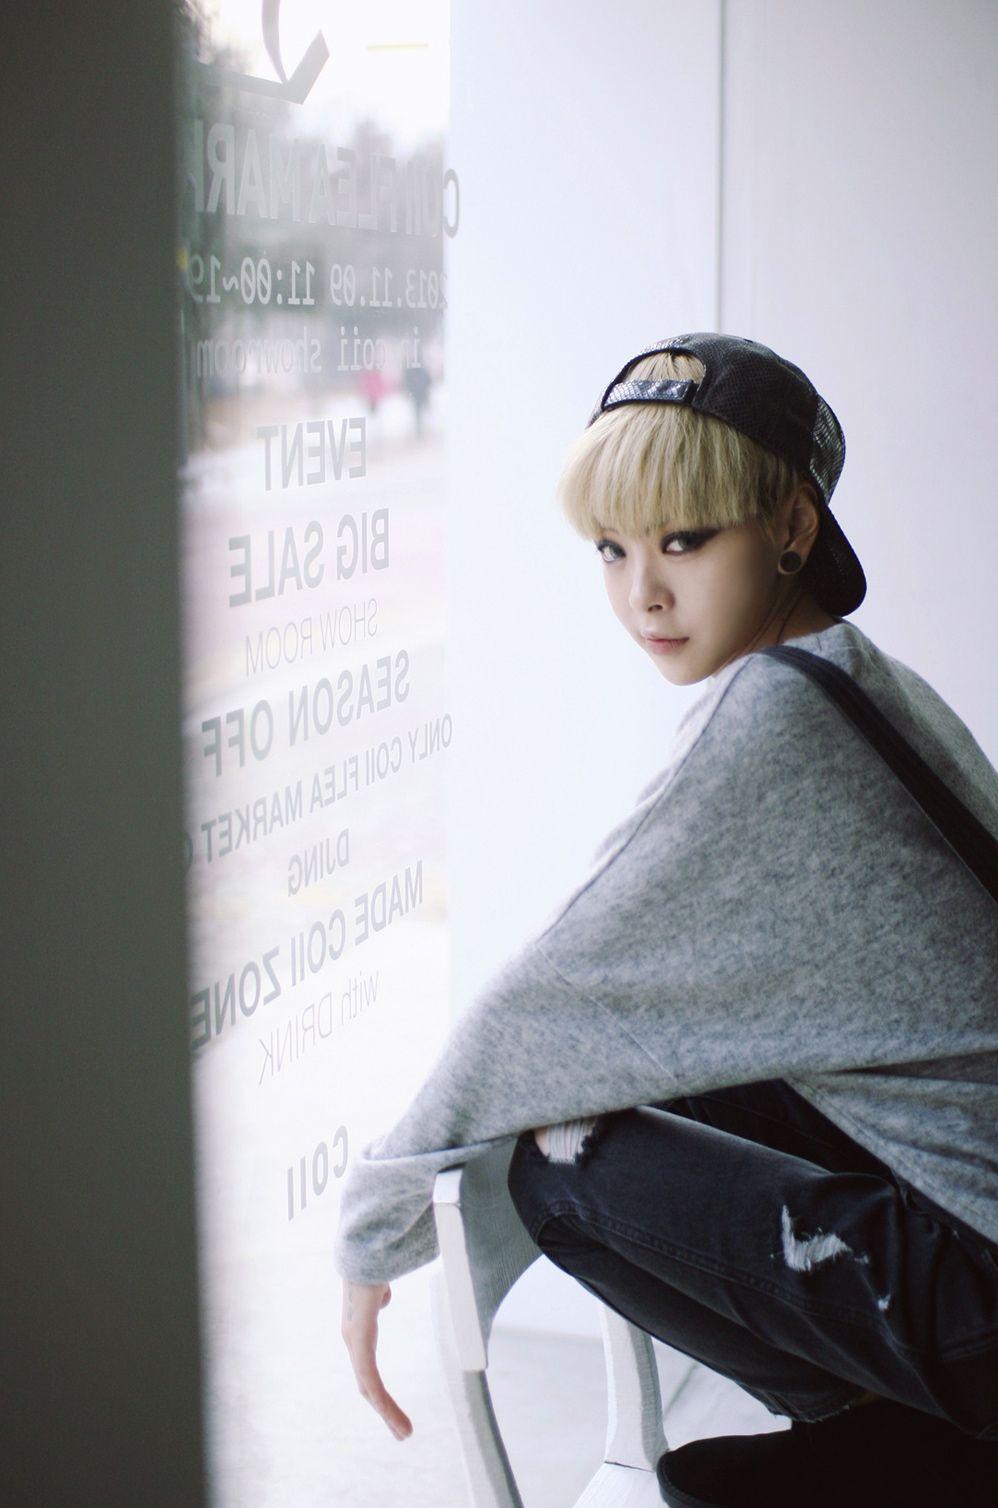 Short Hairstyle Girls Wallpapers Han Hye Yeon Tumblr In 2019 Tomboy Fashion Korean